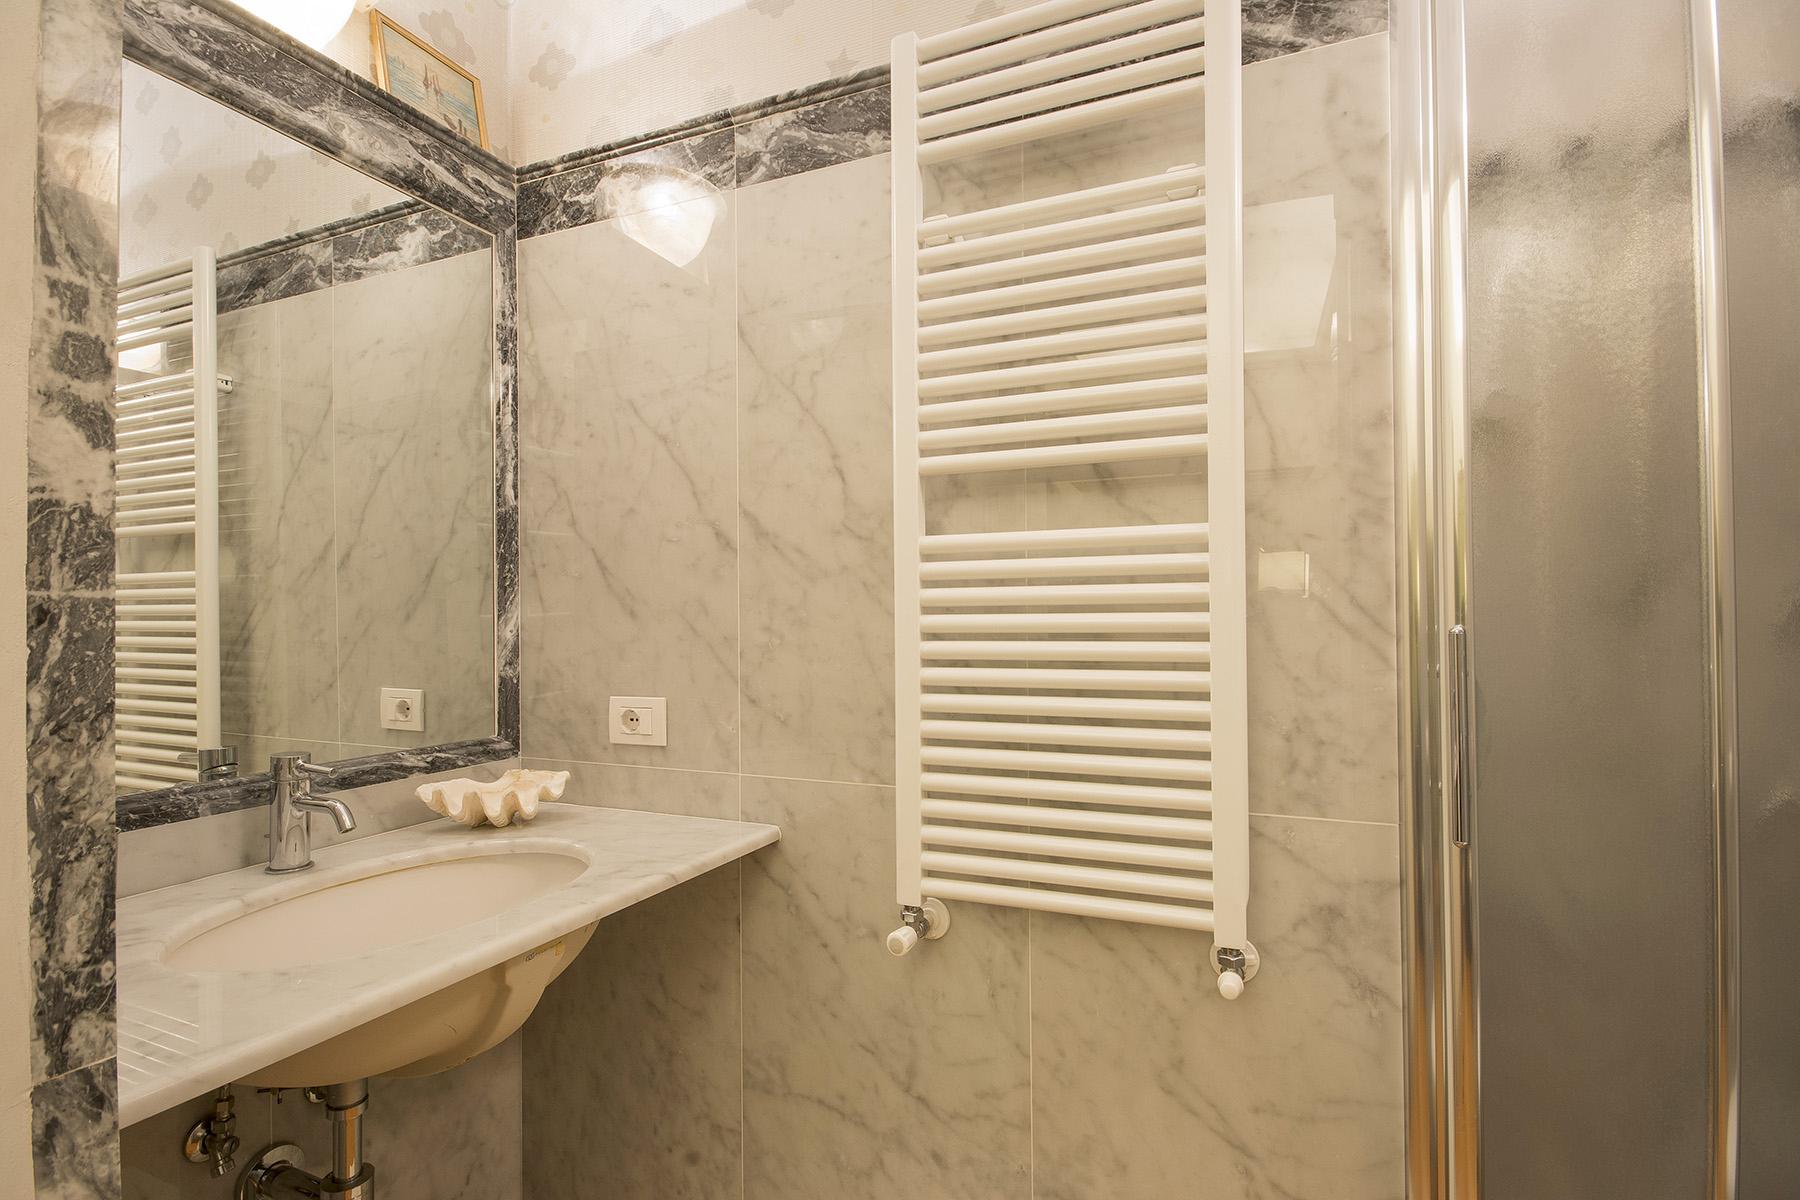 Appartamento in Vendita a Lucca: 5 locali, 86 mq - Foto 9